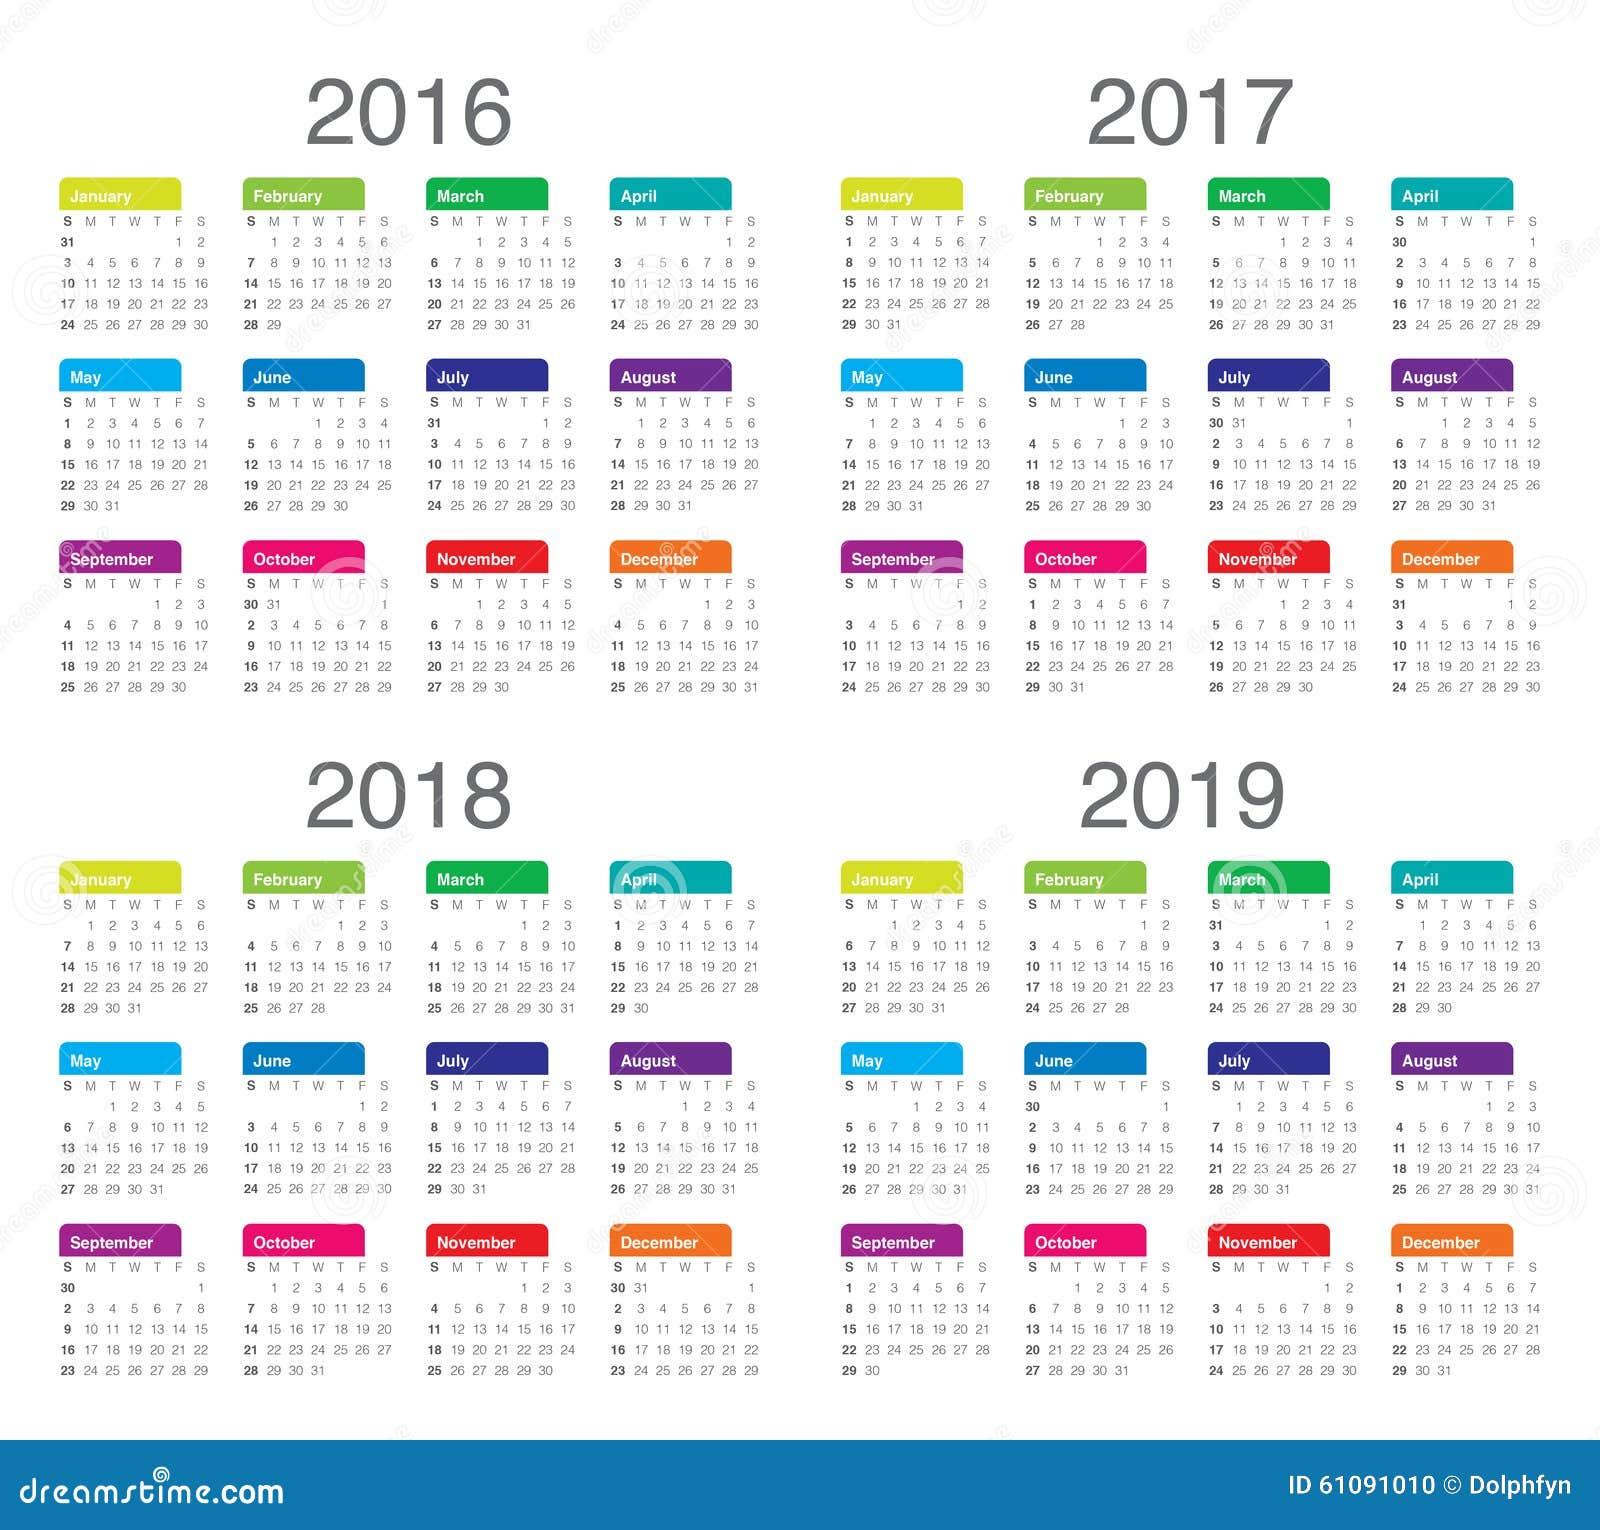 Calendario 2016 2017 2018 2019 Ilustración del Vector - Imagen ...